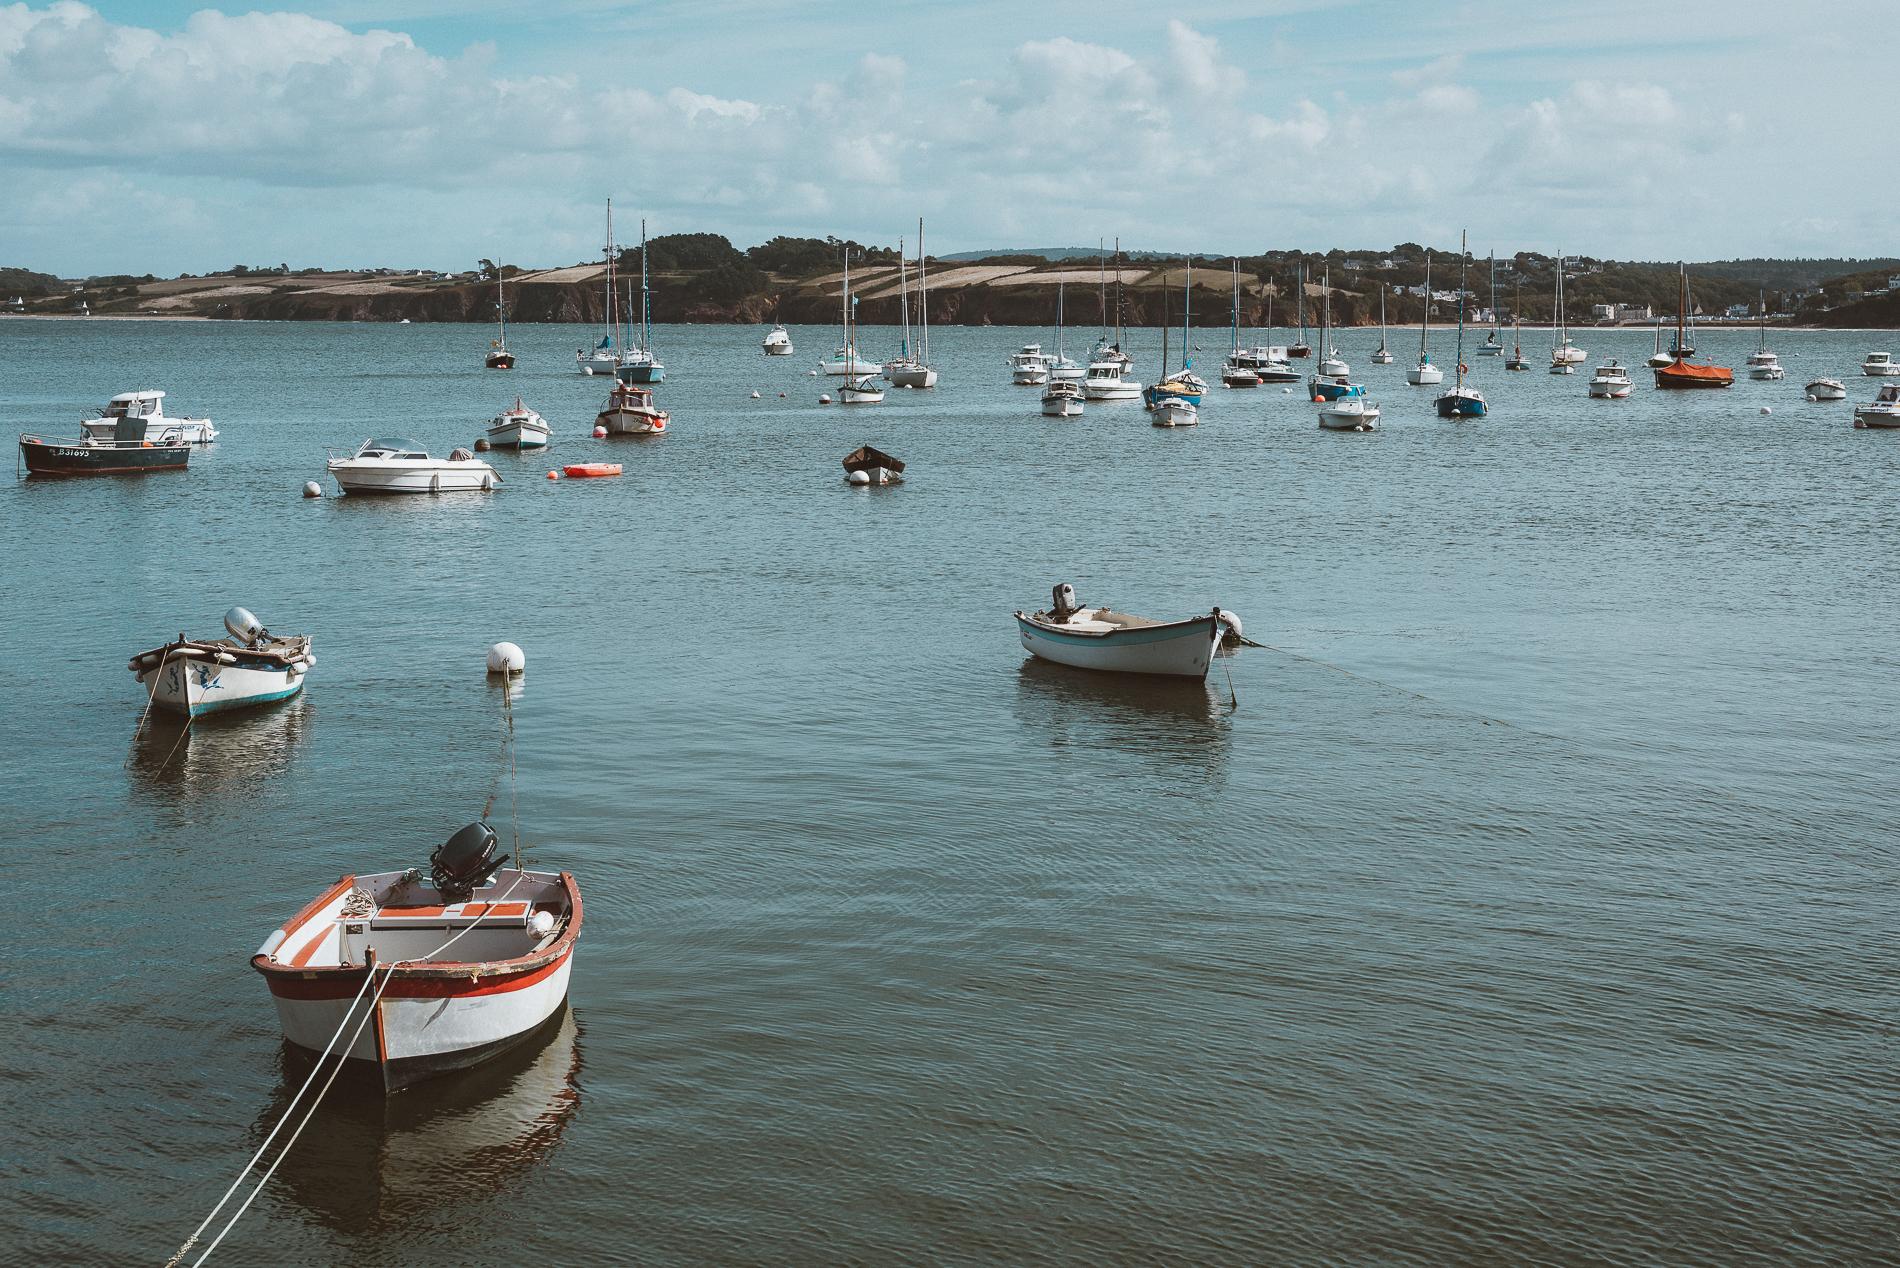 Douarnenez, Brittany